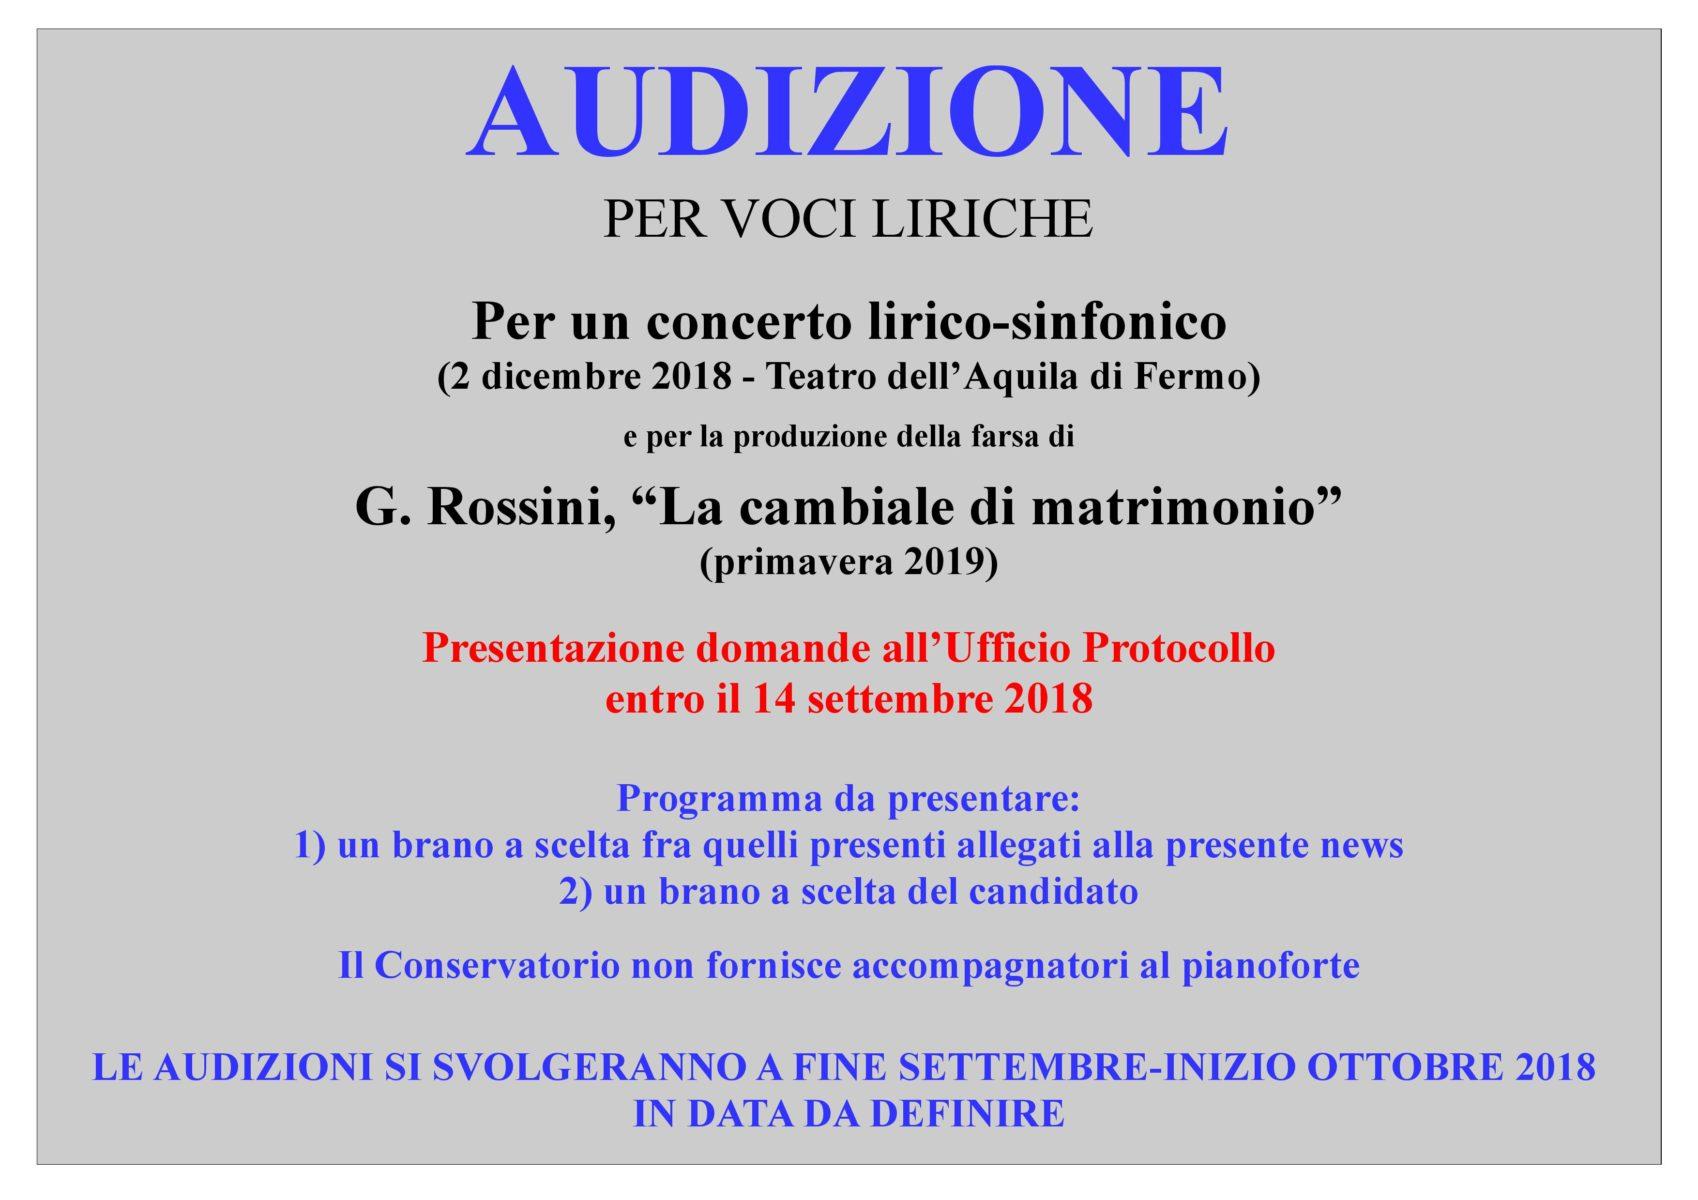 AVVISO AUDIZIONI CONCERTO LIRICO 2 DICEMBRE